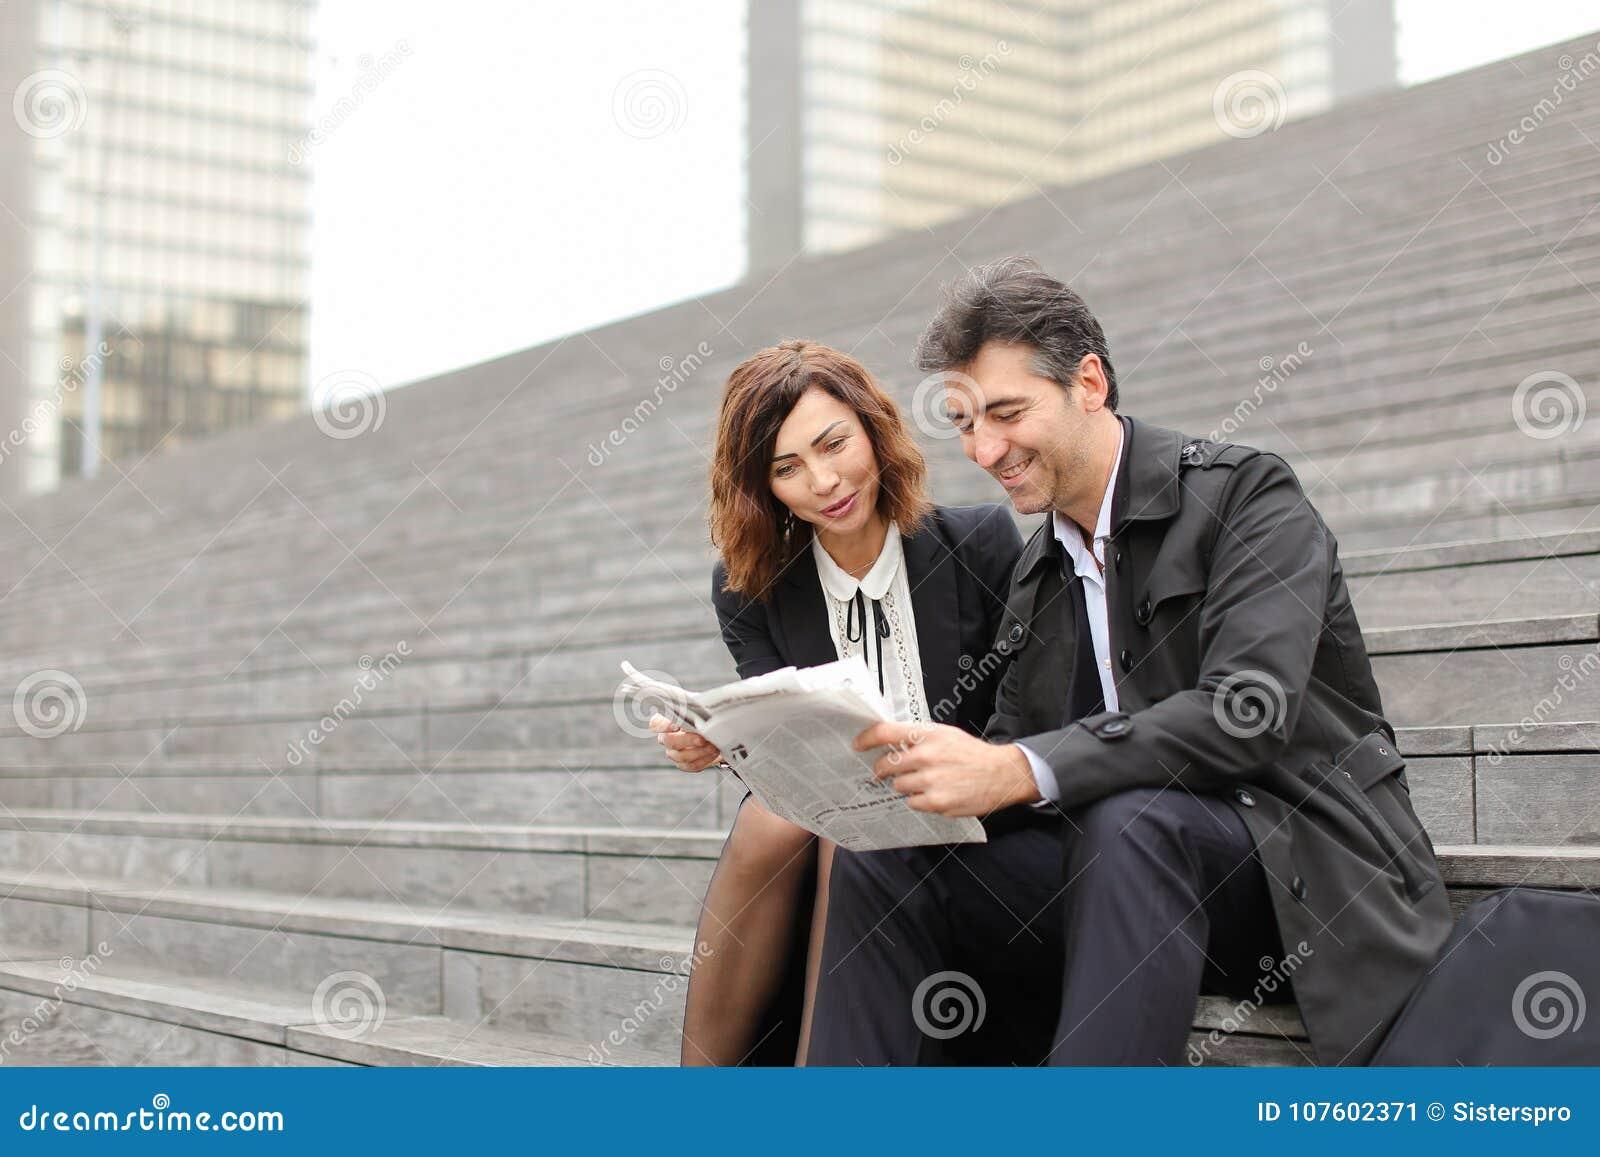 αρσενικό και θηλυκό άρθρο ανάγνωσης μηχανικών για την επιχείρηση μέσα